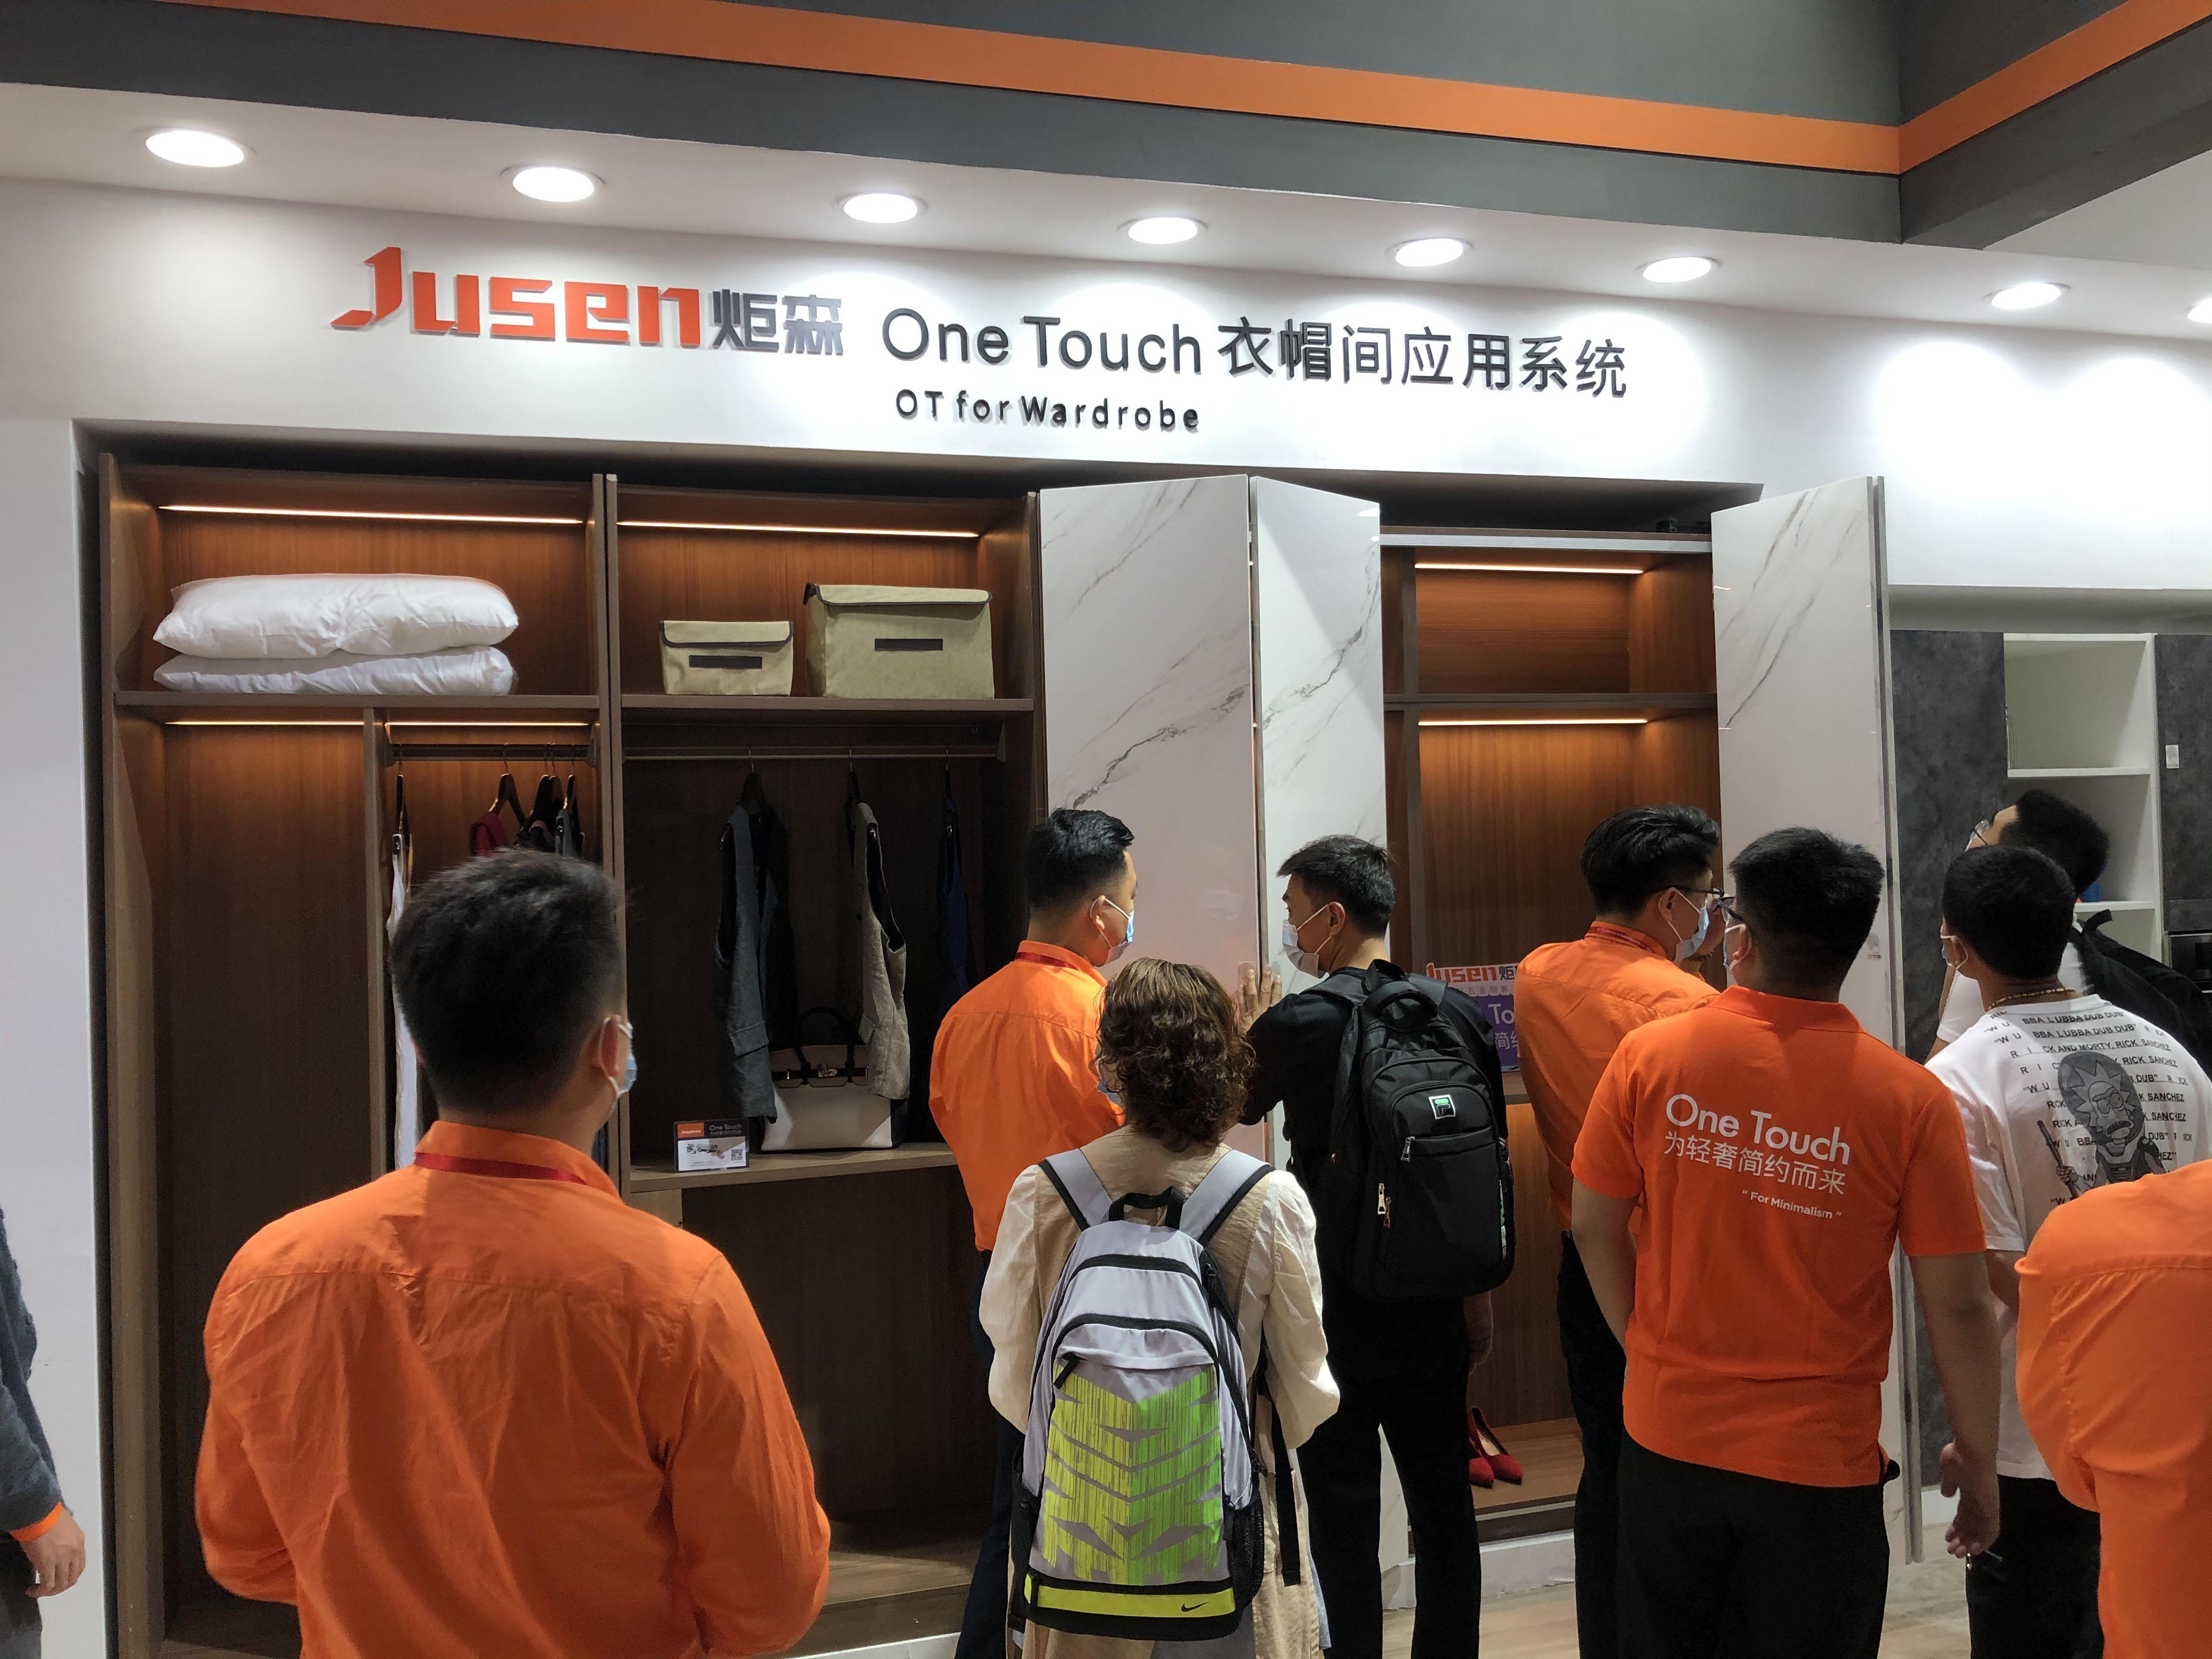 【资讯】炬森五金亮相上海国际厨卫展,One Touch一触即